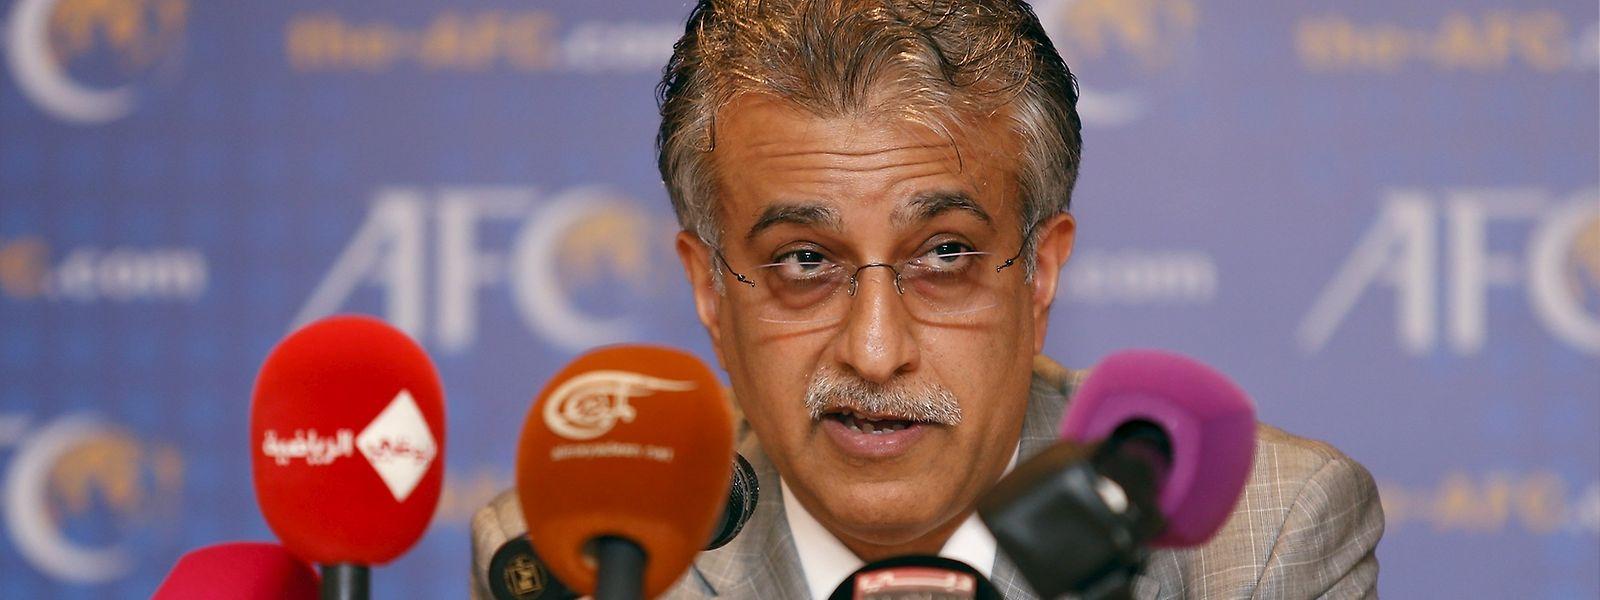 Além de al-Khalifa, concorrem à presidência da FIFA o príncipe jordano Ali bin al Hussein, Jerôme Champagne, o ex-futebolista David Nakhid, o sul-africano Tokyo Sexwale e Michel Platini.